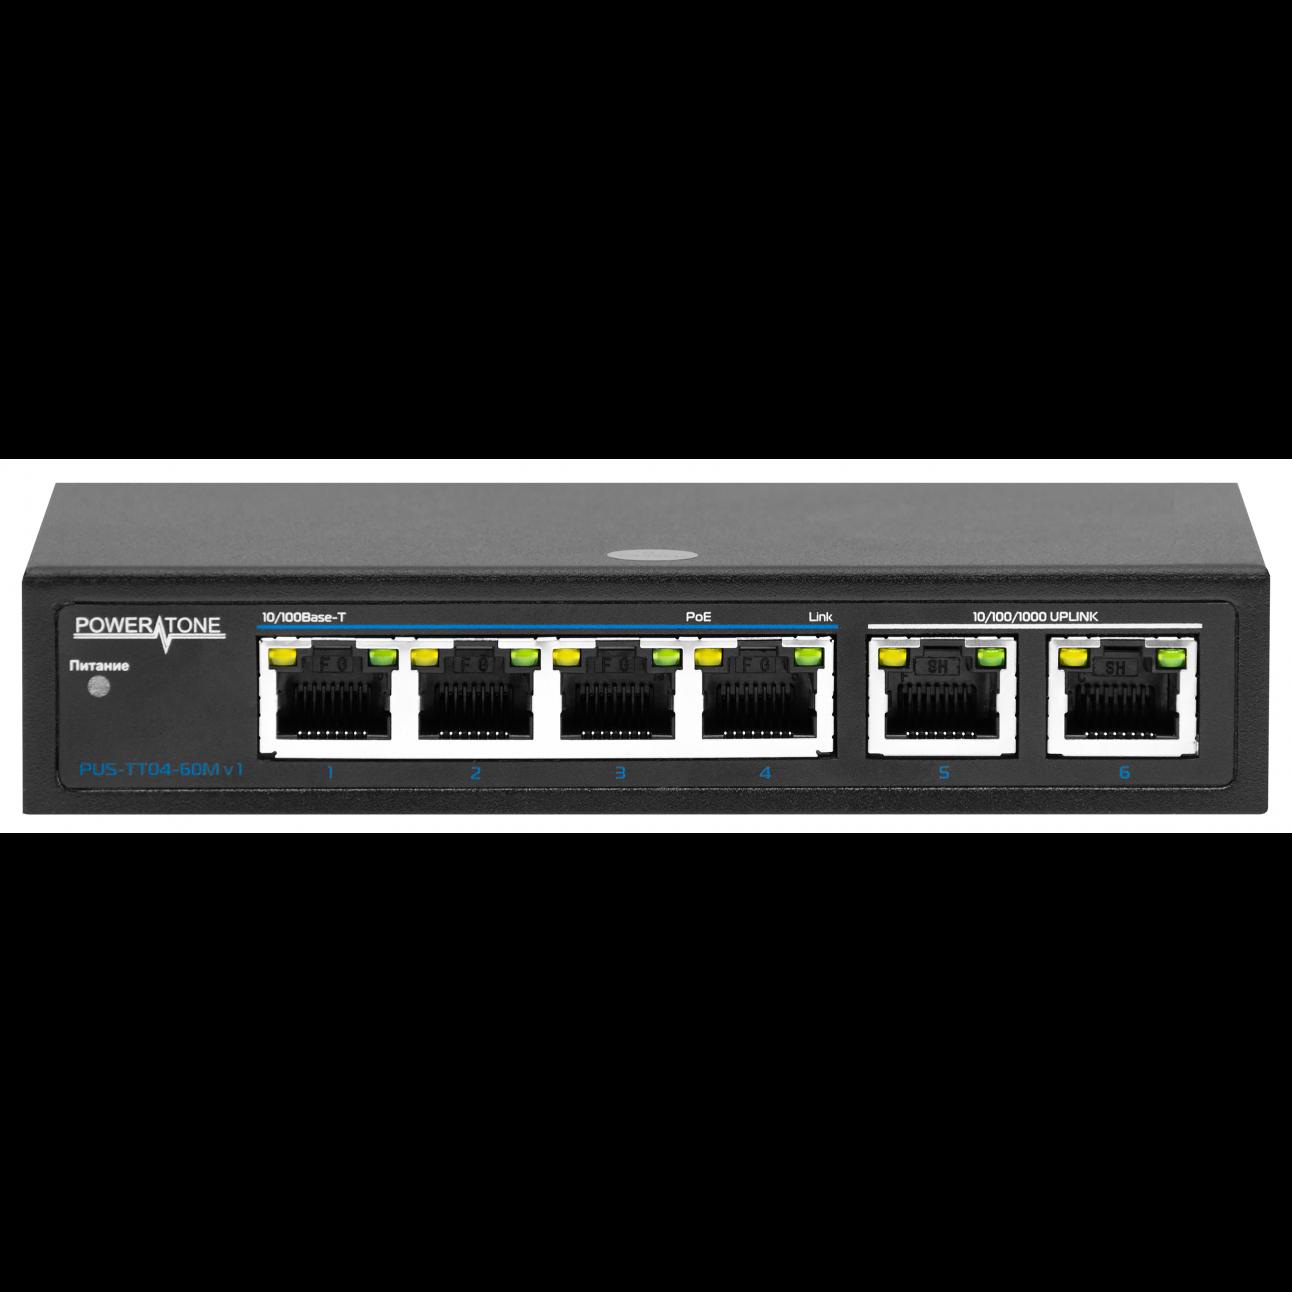 PoE коммутатор неуправляемый PUS-TT04-60M v1, 4x10/100BASE-TX 802.3af&at + 2x10/100/1000BASE-TX, PoE бюджет 60Вт, до 30Вт на порт